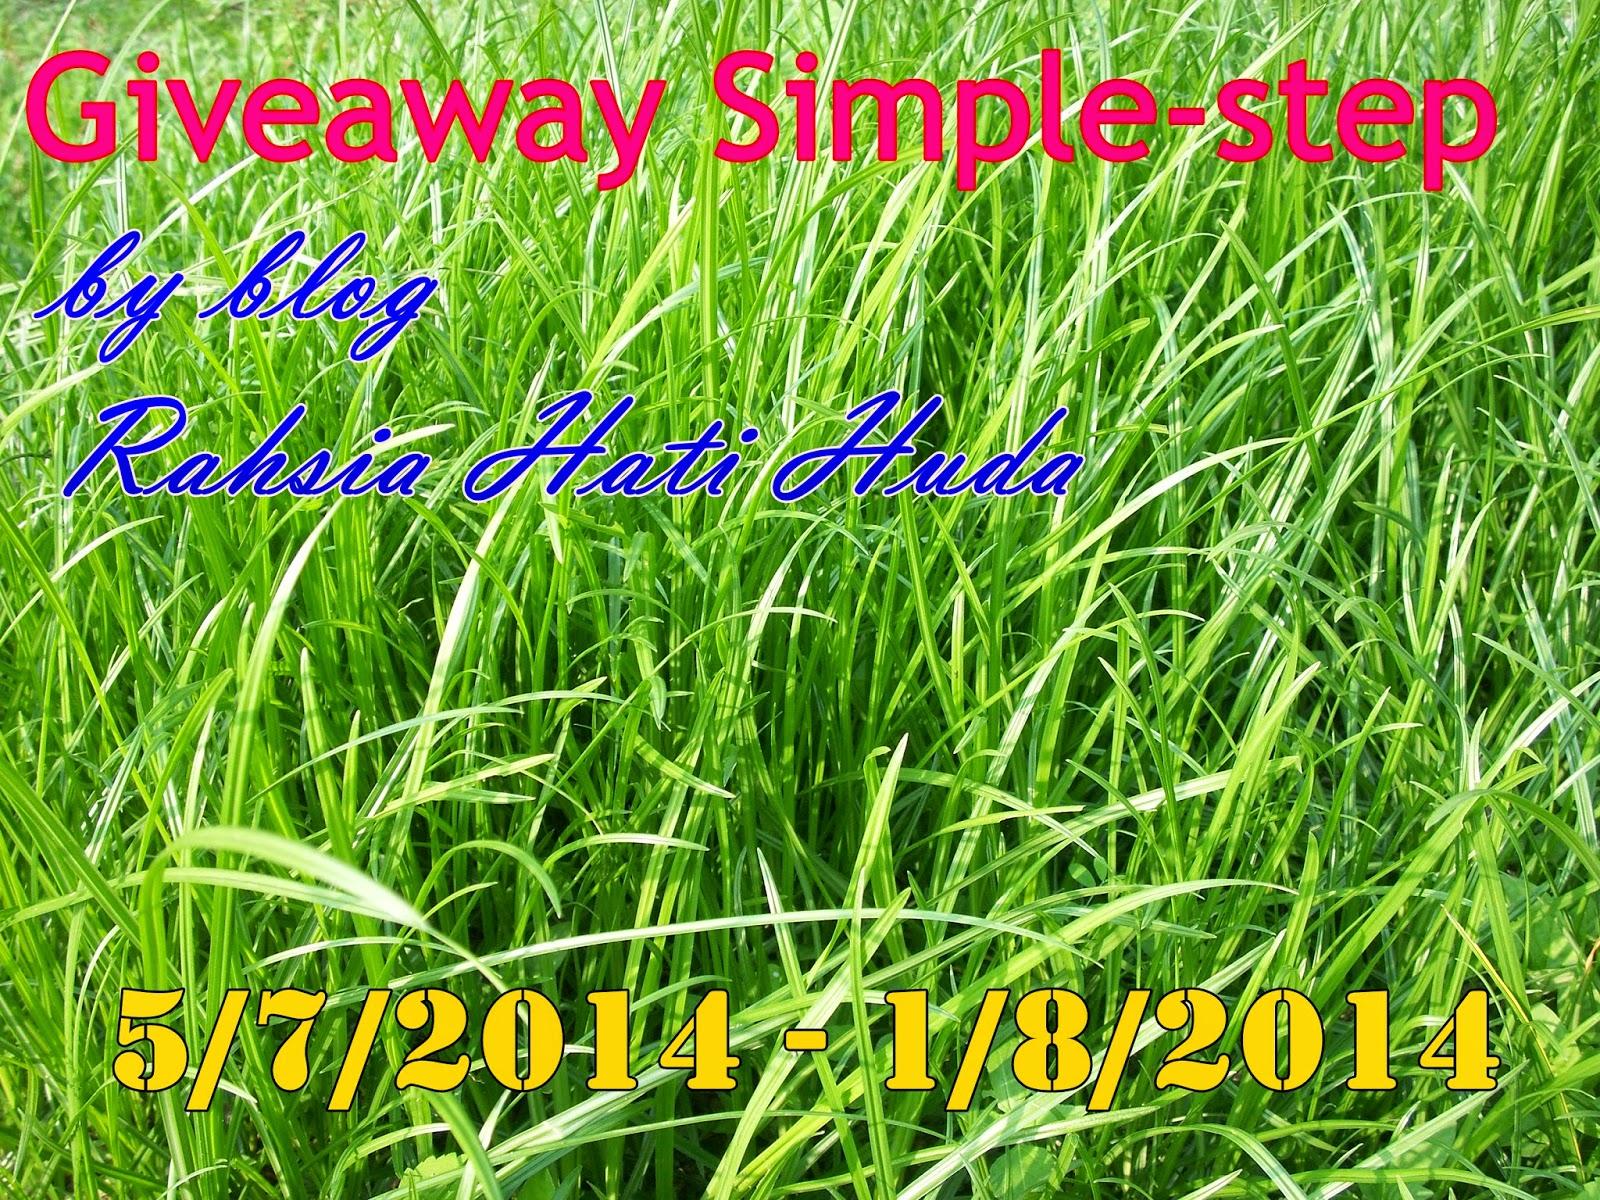 http://rahsiahatikuyangtidakkufikirkan.blogspot.com/2014/07/giveaway-simple-step-by-blog-rahsia.html